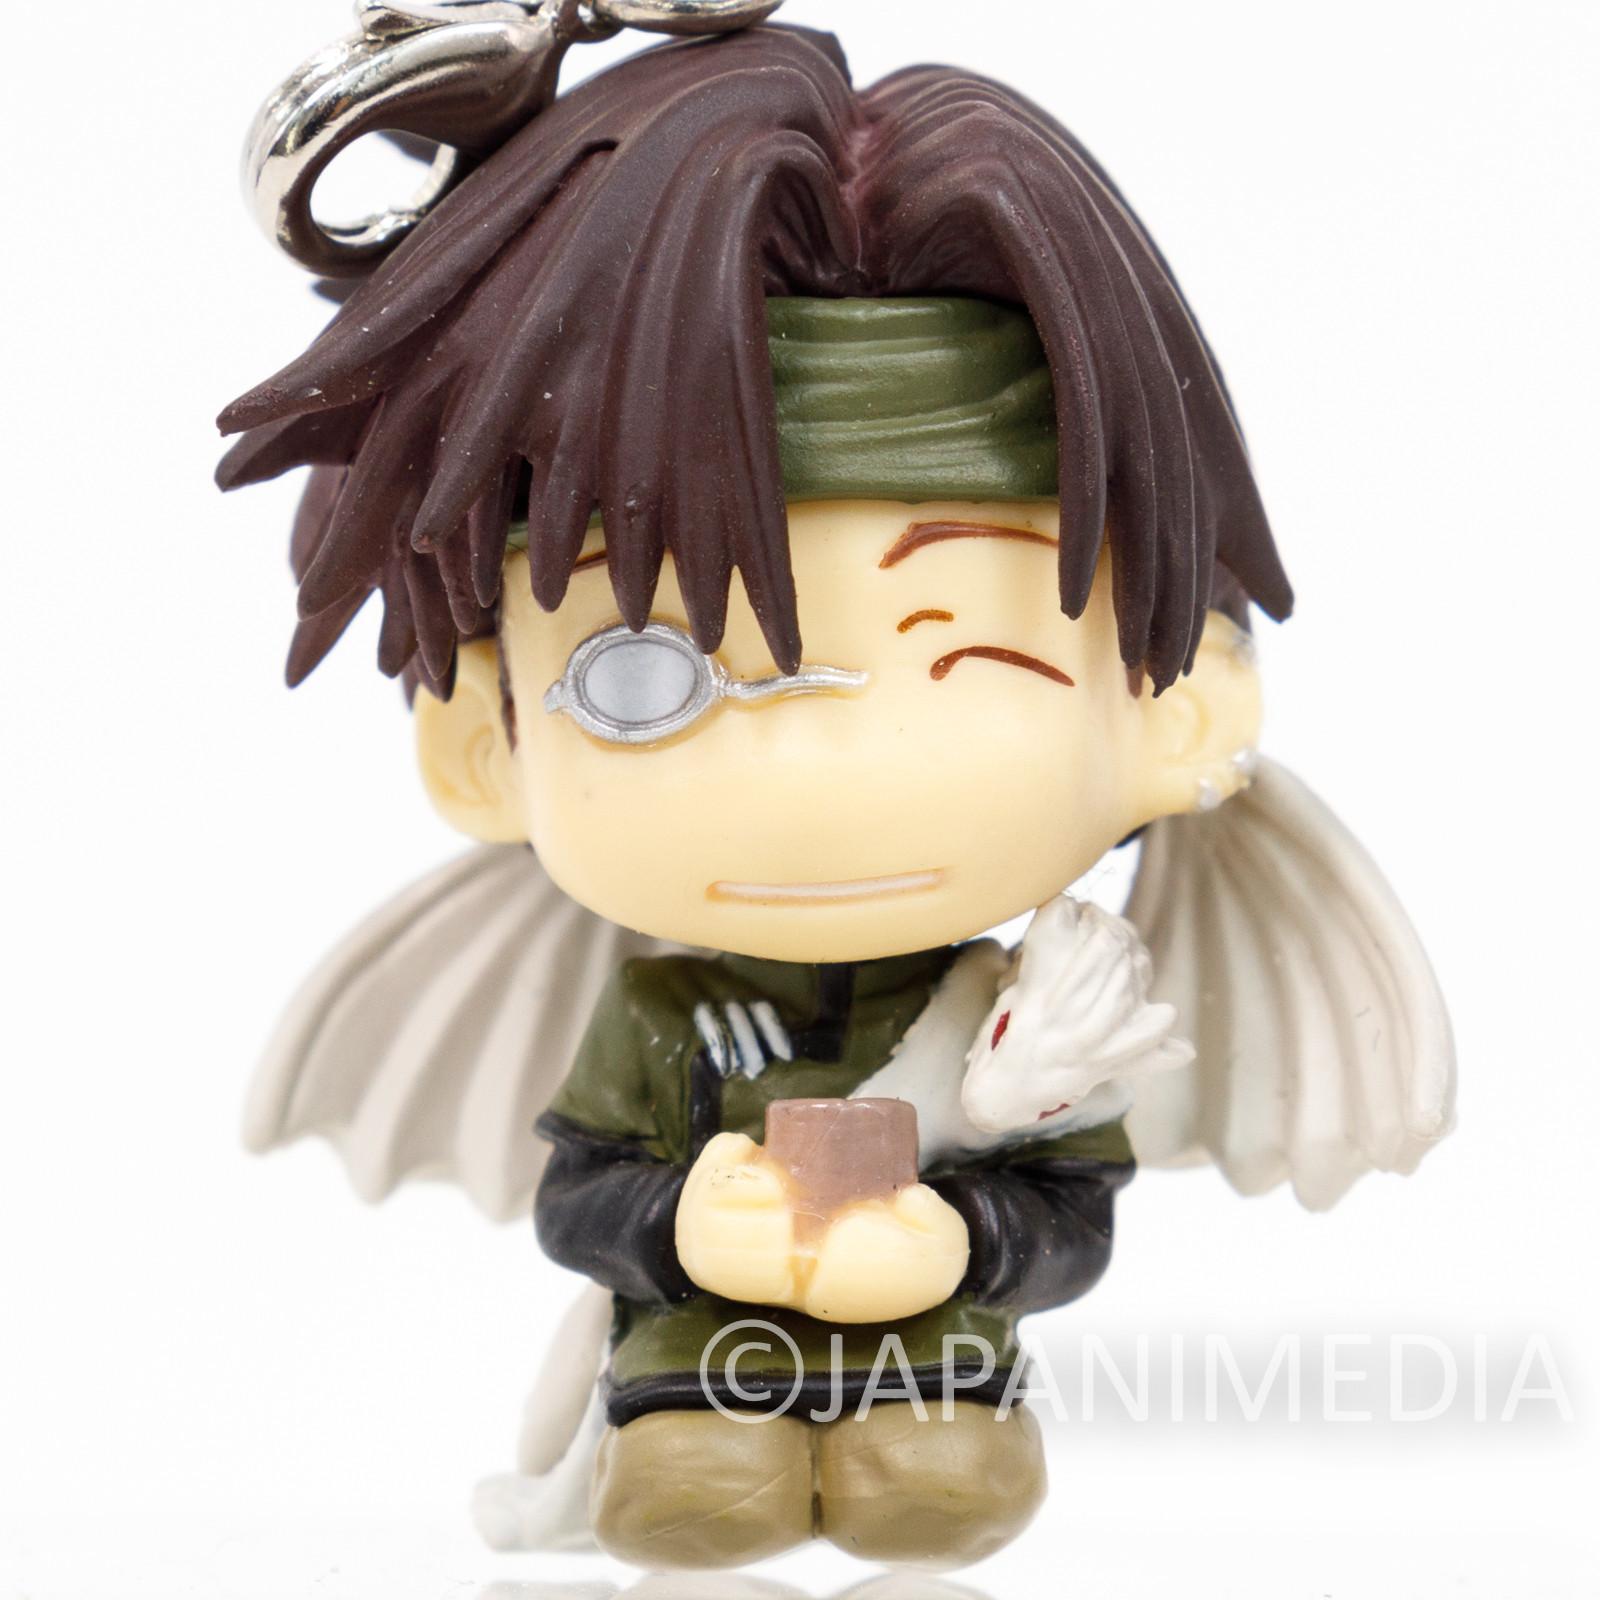 SAIYUKI Cho Hakkai KaraCole Mascot Figure Movic Kazuya Minekura JAPAN